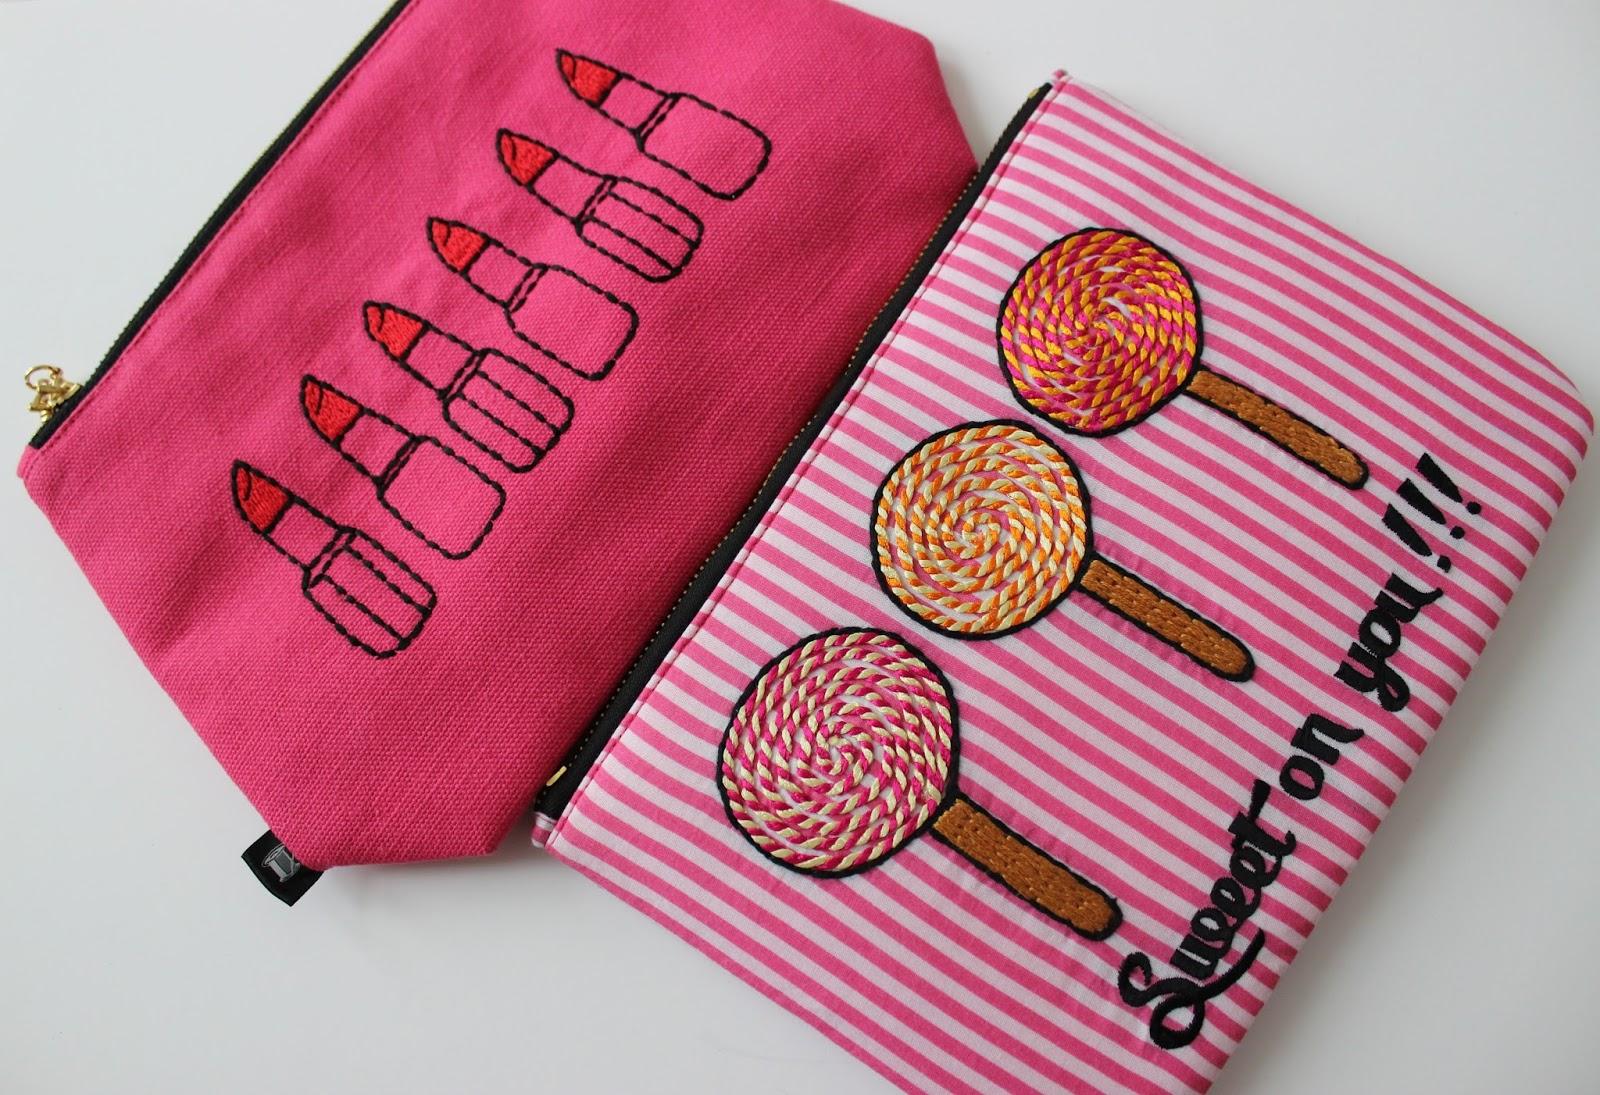 Sew Lomax makeup bags